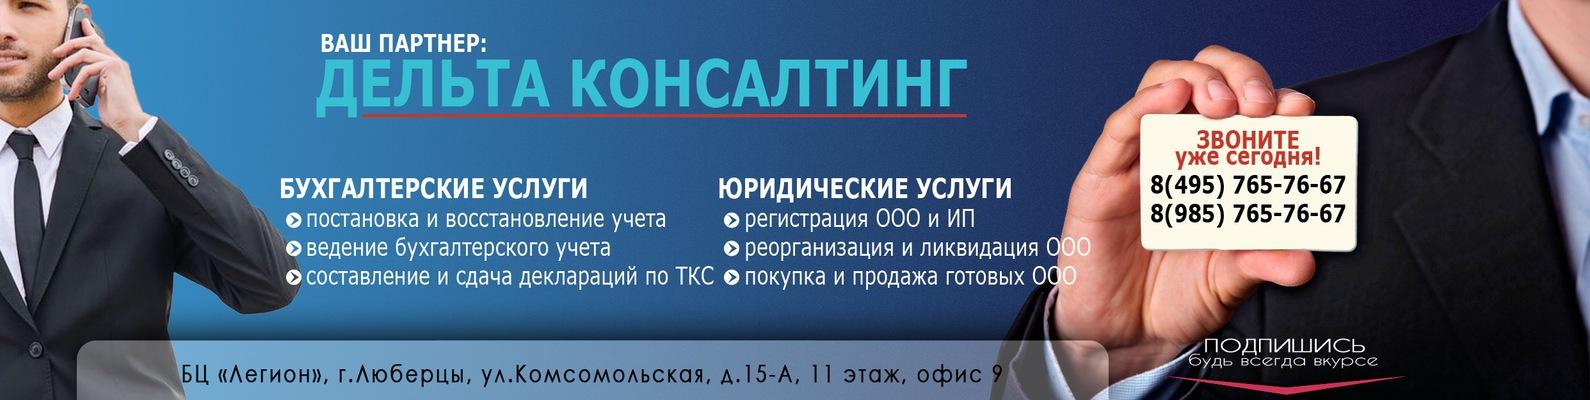 Консалтинг бухгалтерских услуг москва в помощь бухгалтеру бухгалтерская отчетность